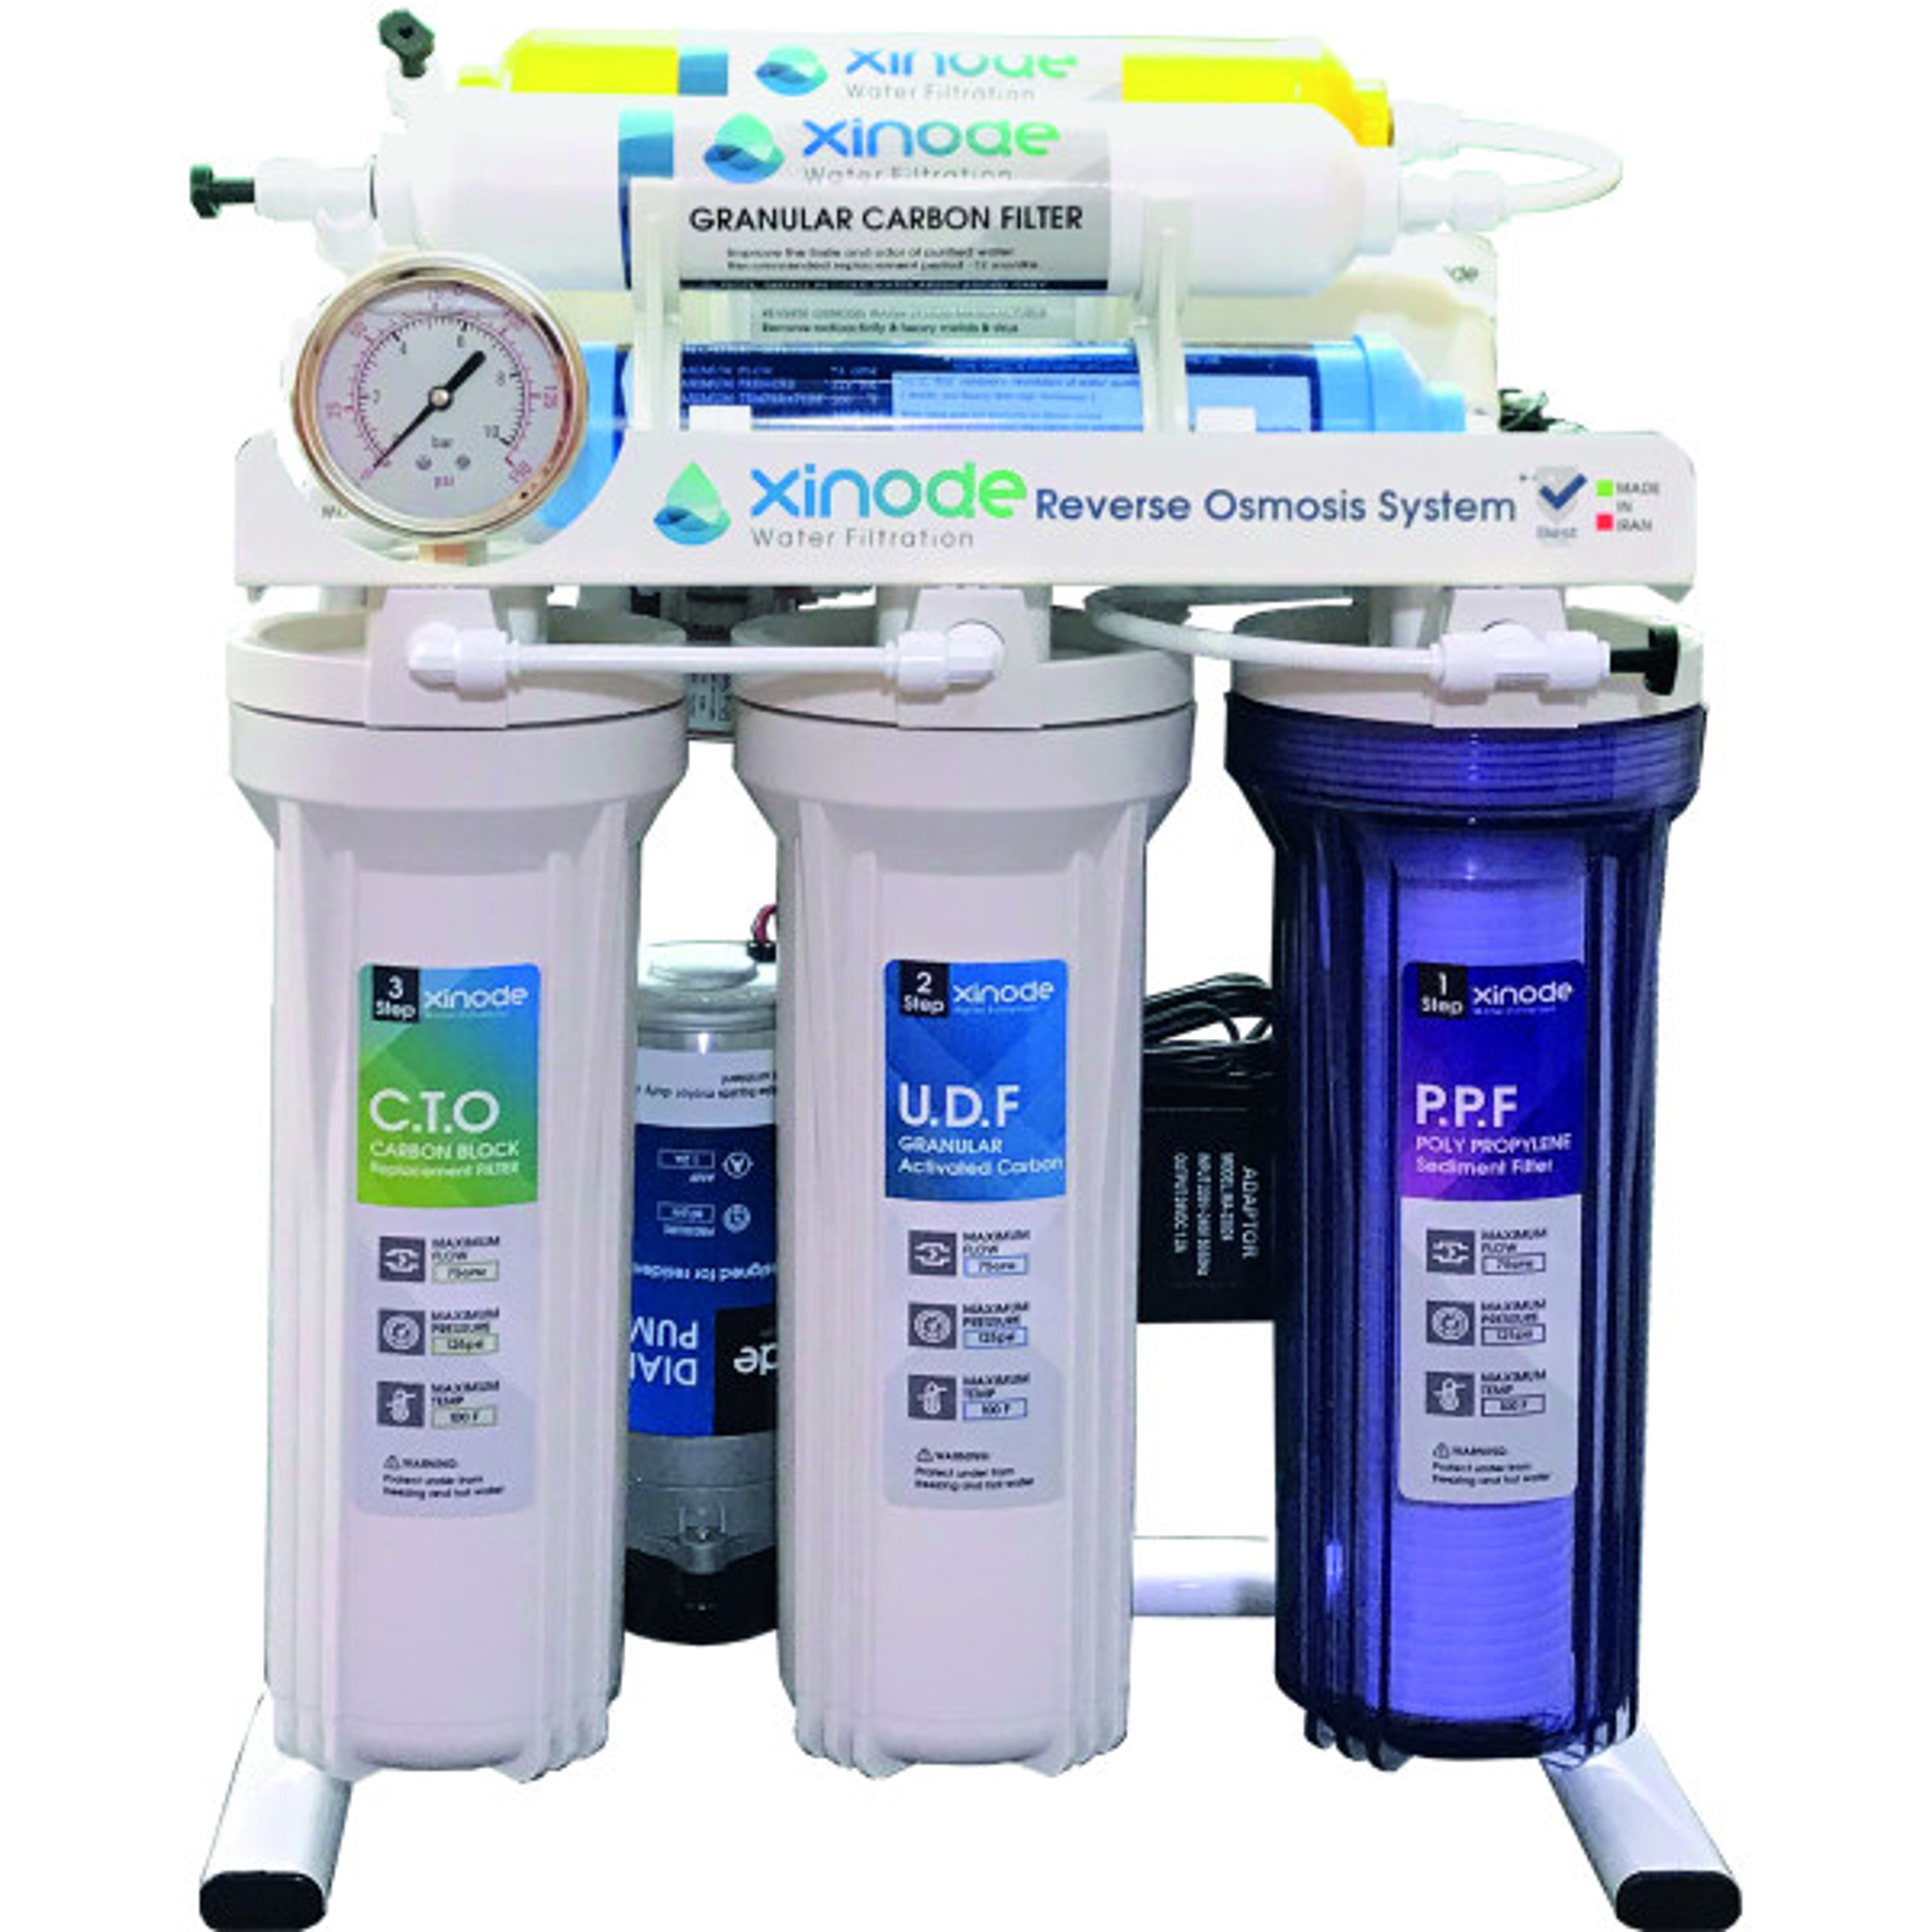 دستگاه تصفیه کننده آب زینود مدل AXT-405HB